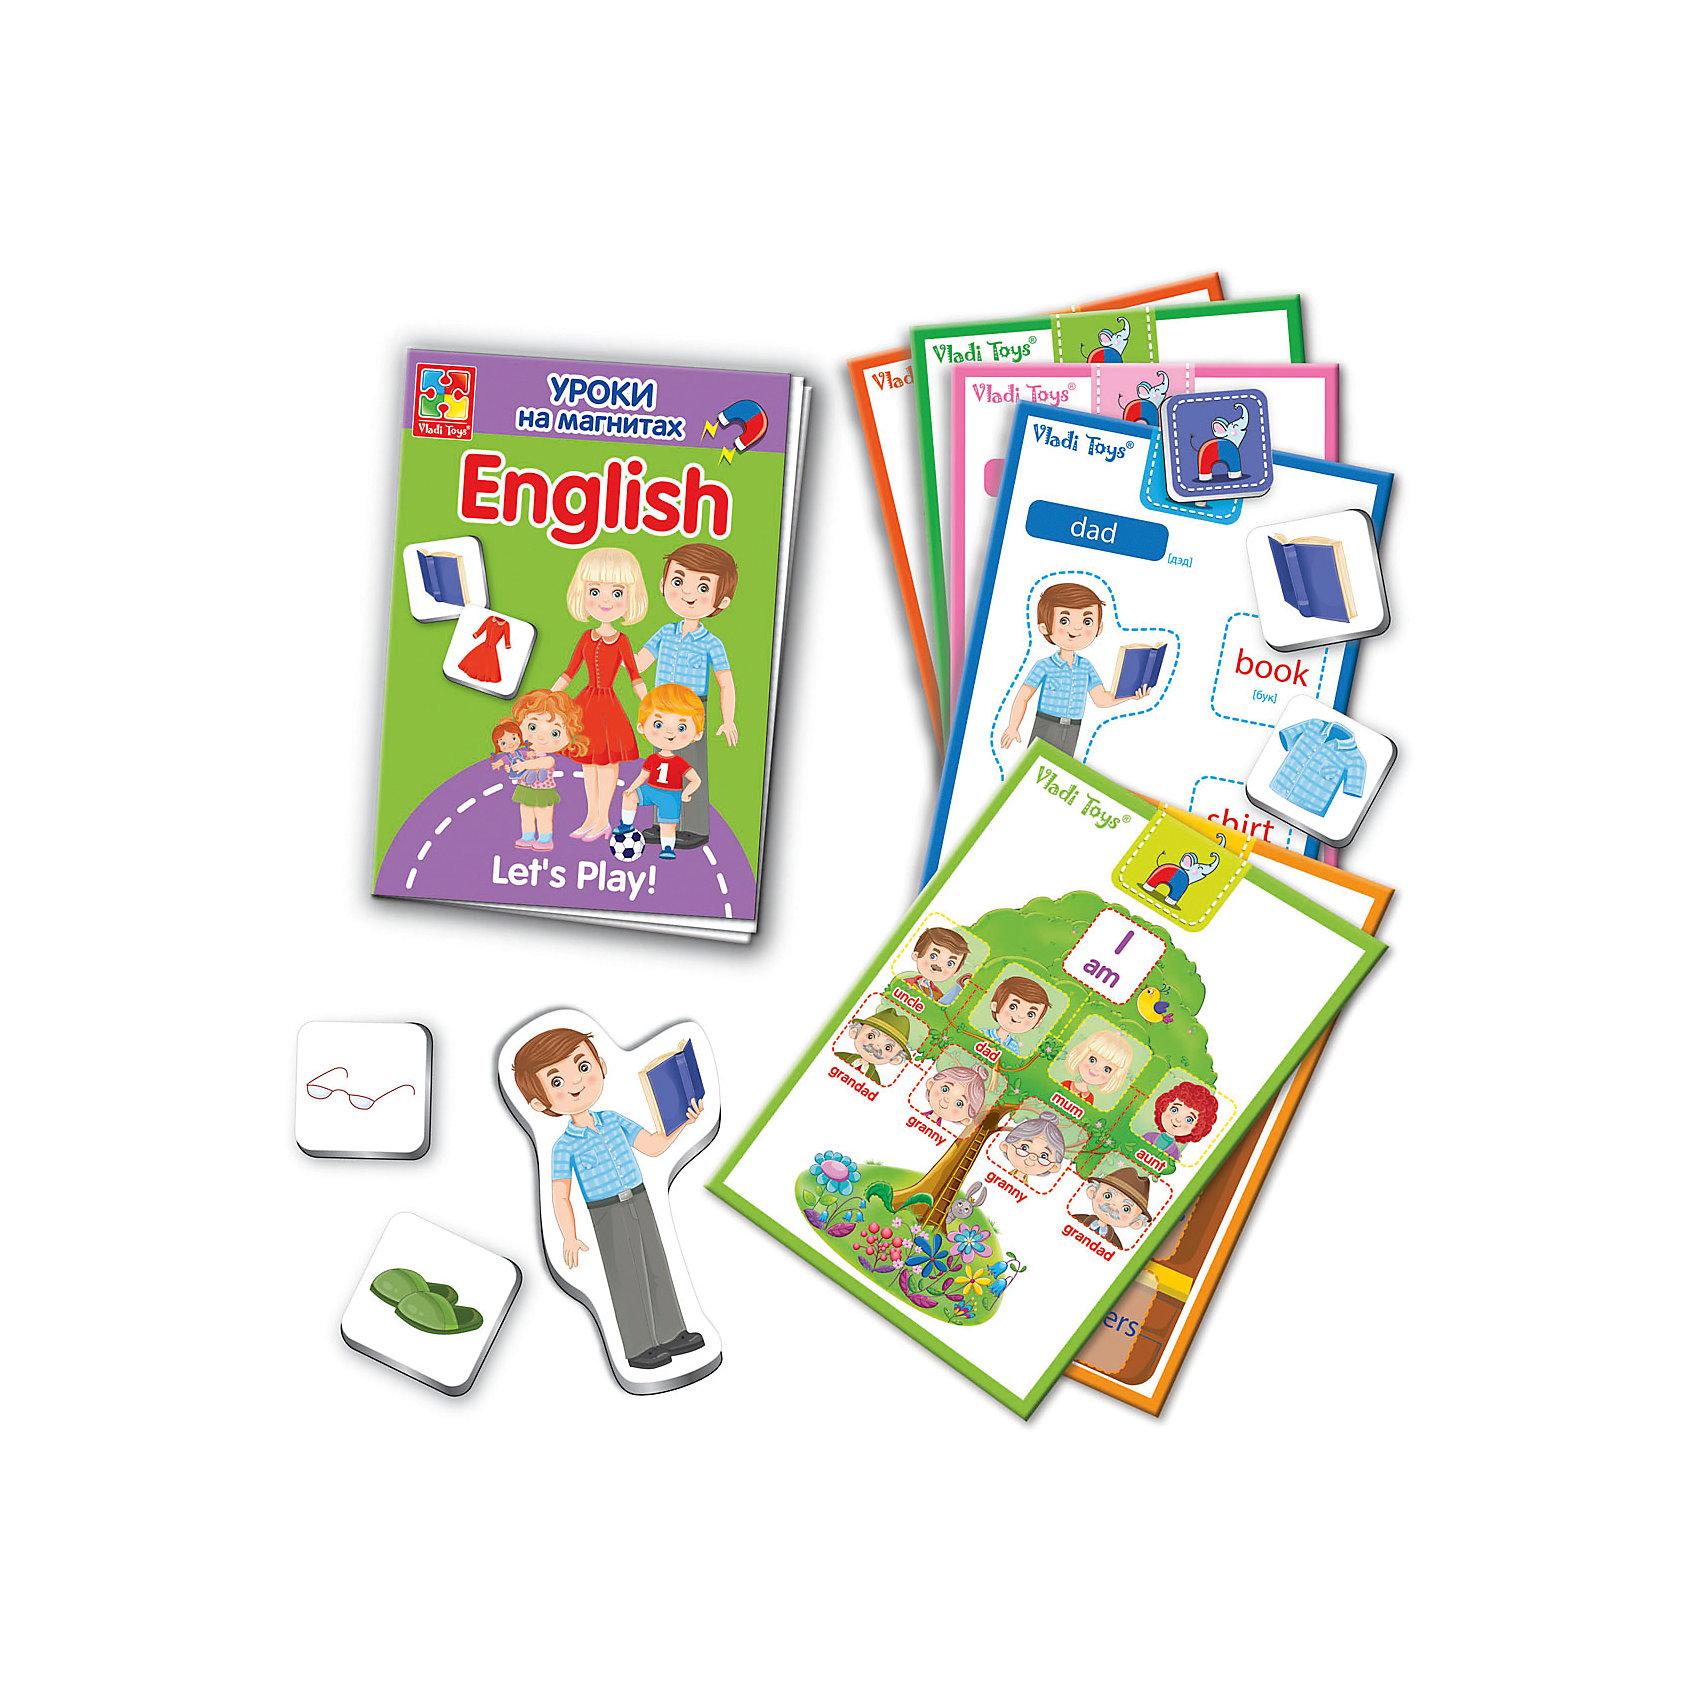 Vladi Toys Уроки на магнитах English Семья, Vladi Toys какое жилье можно на субсидию молодая семья